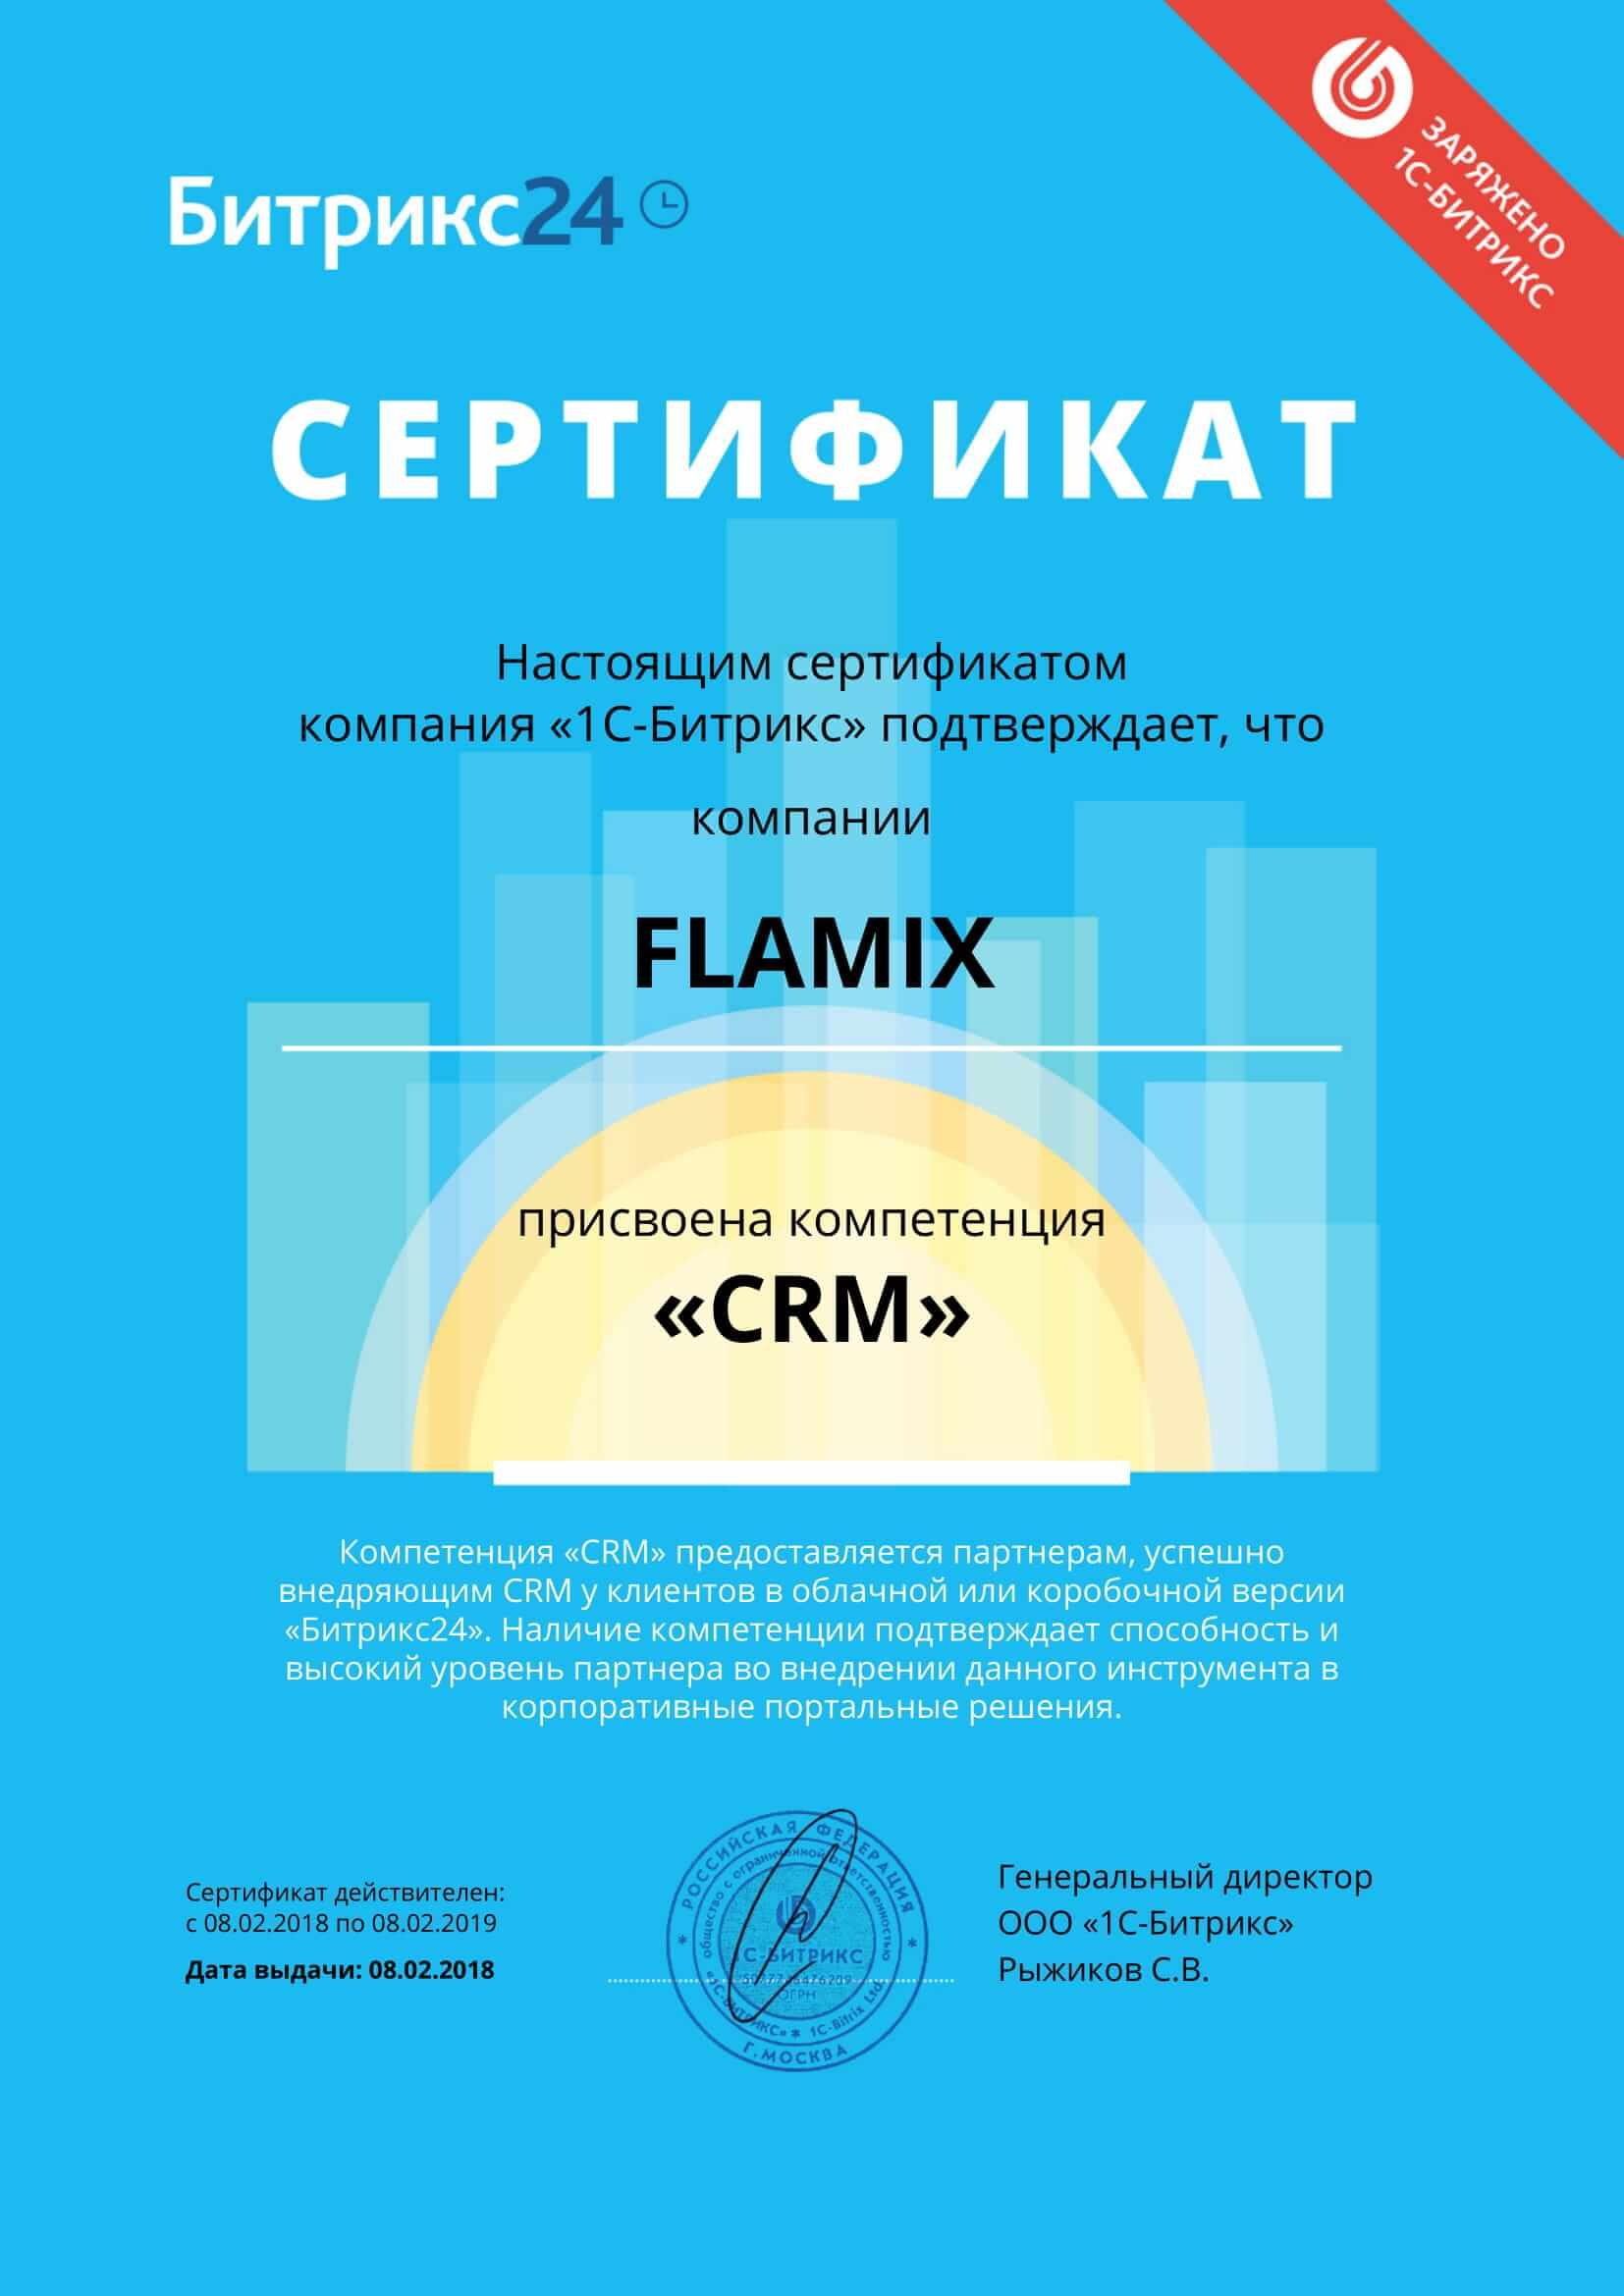 Компетенция бизнес процессы битрикс amocrm kpi